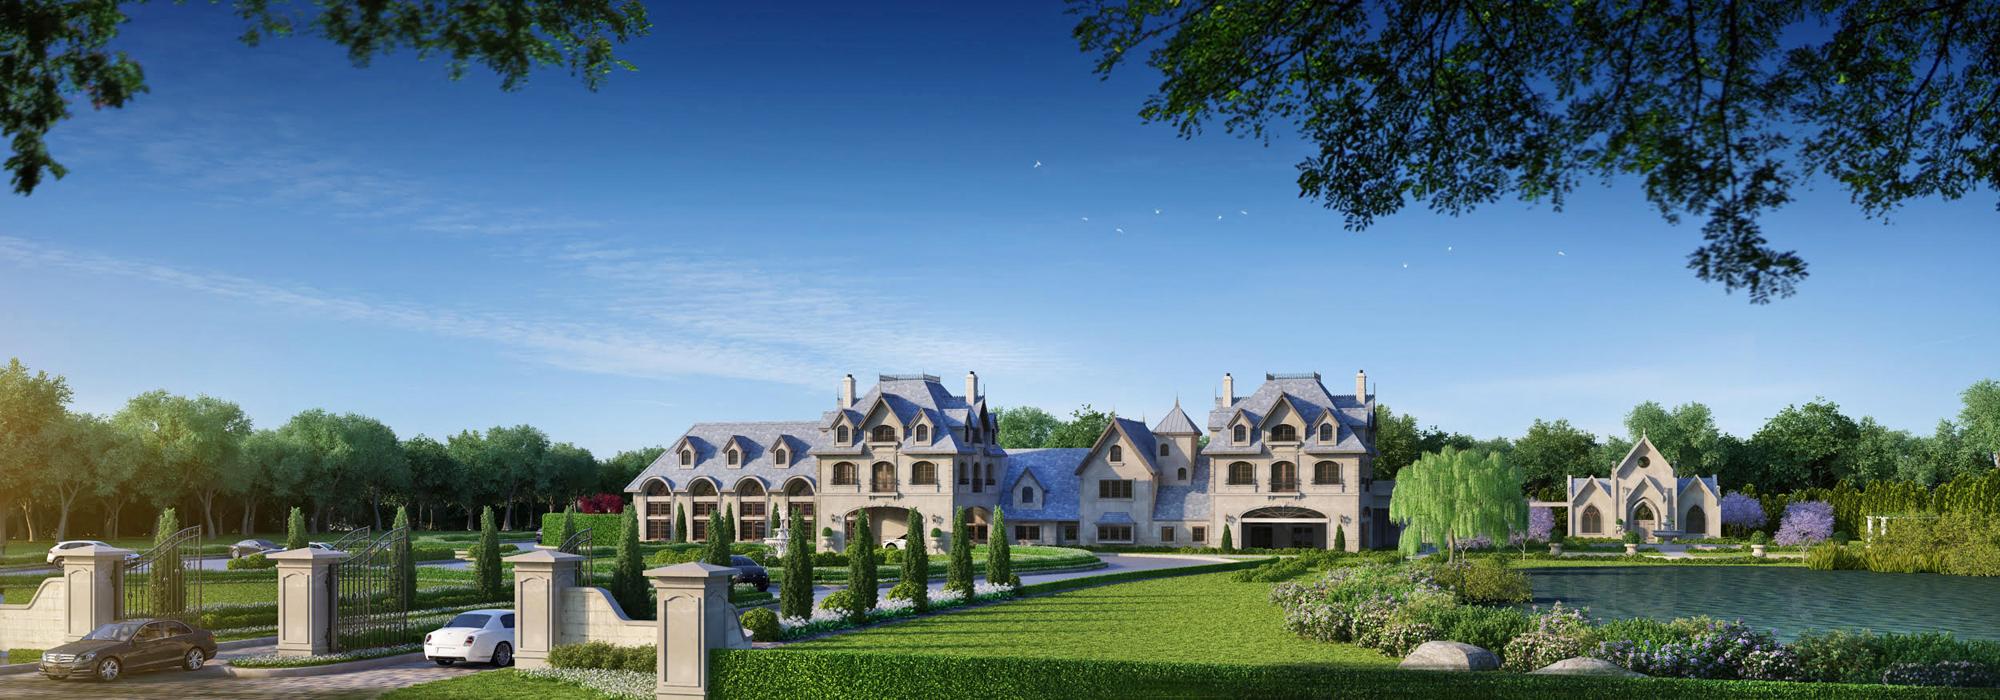 Park Chateau Estate & Gardens